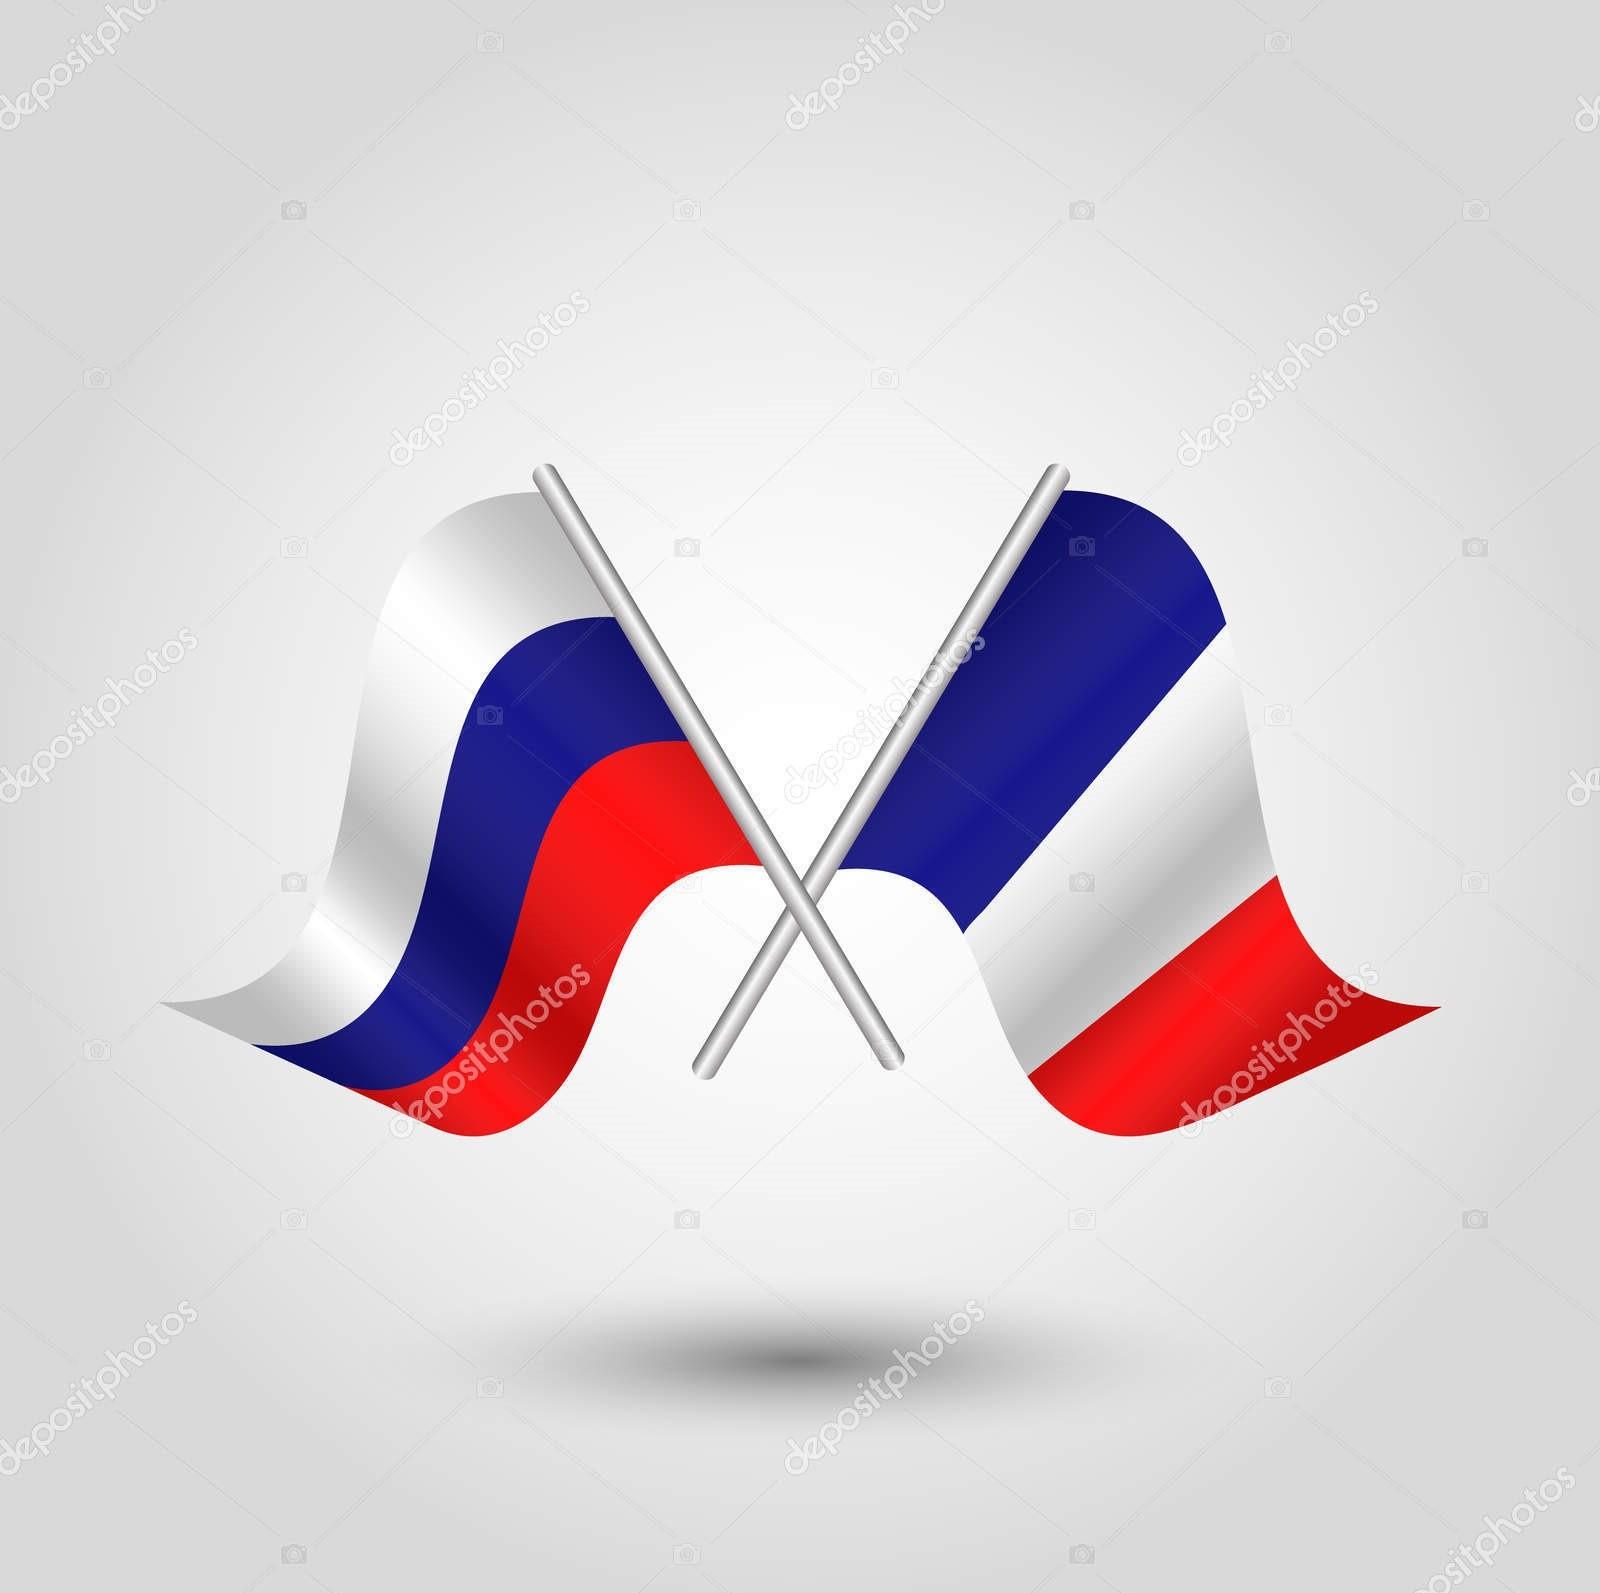 France ou Russie ?